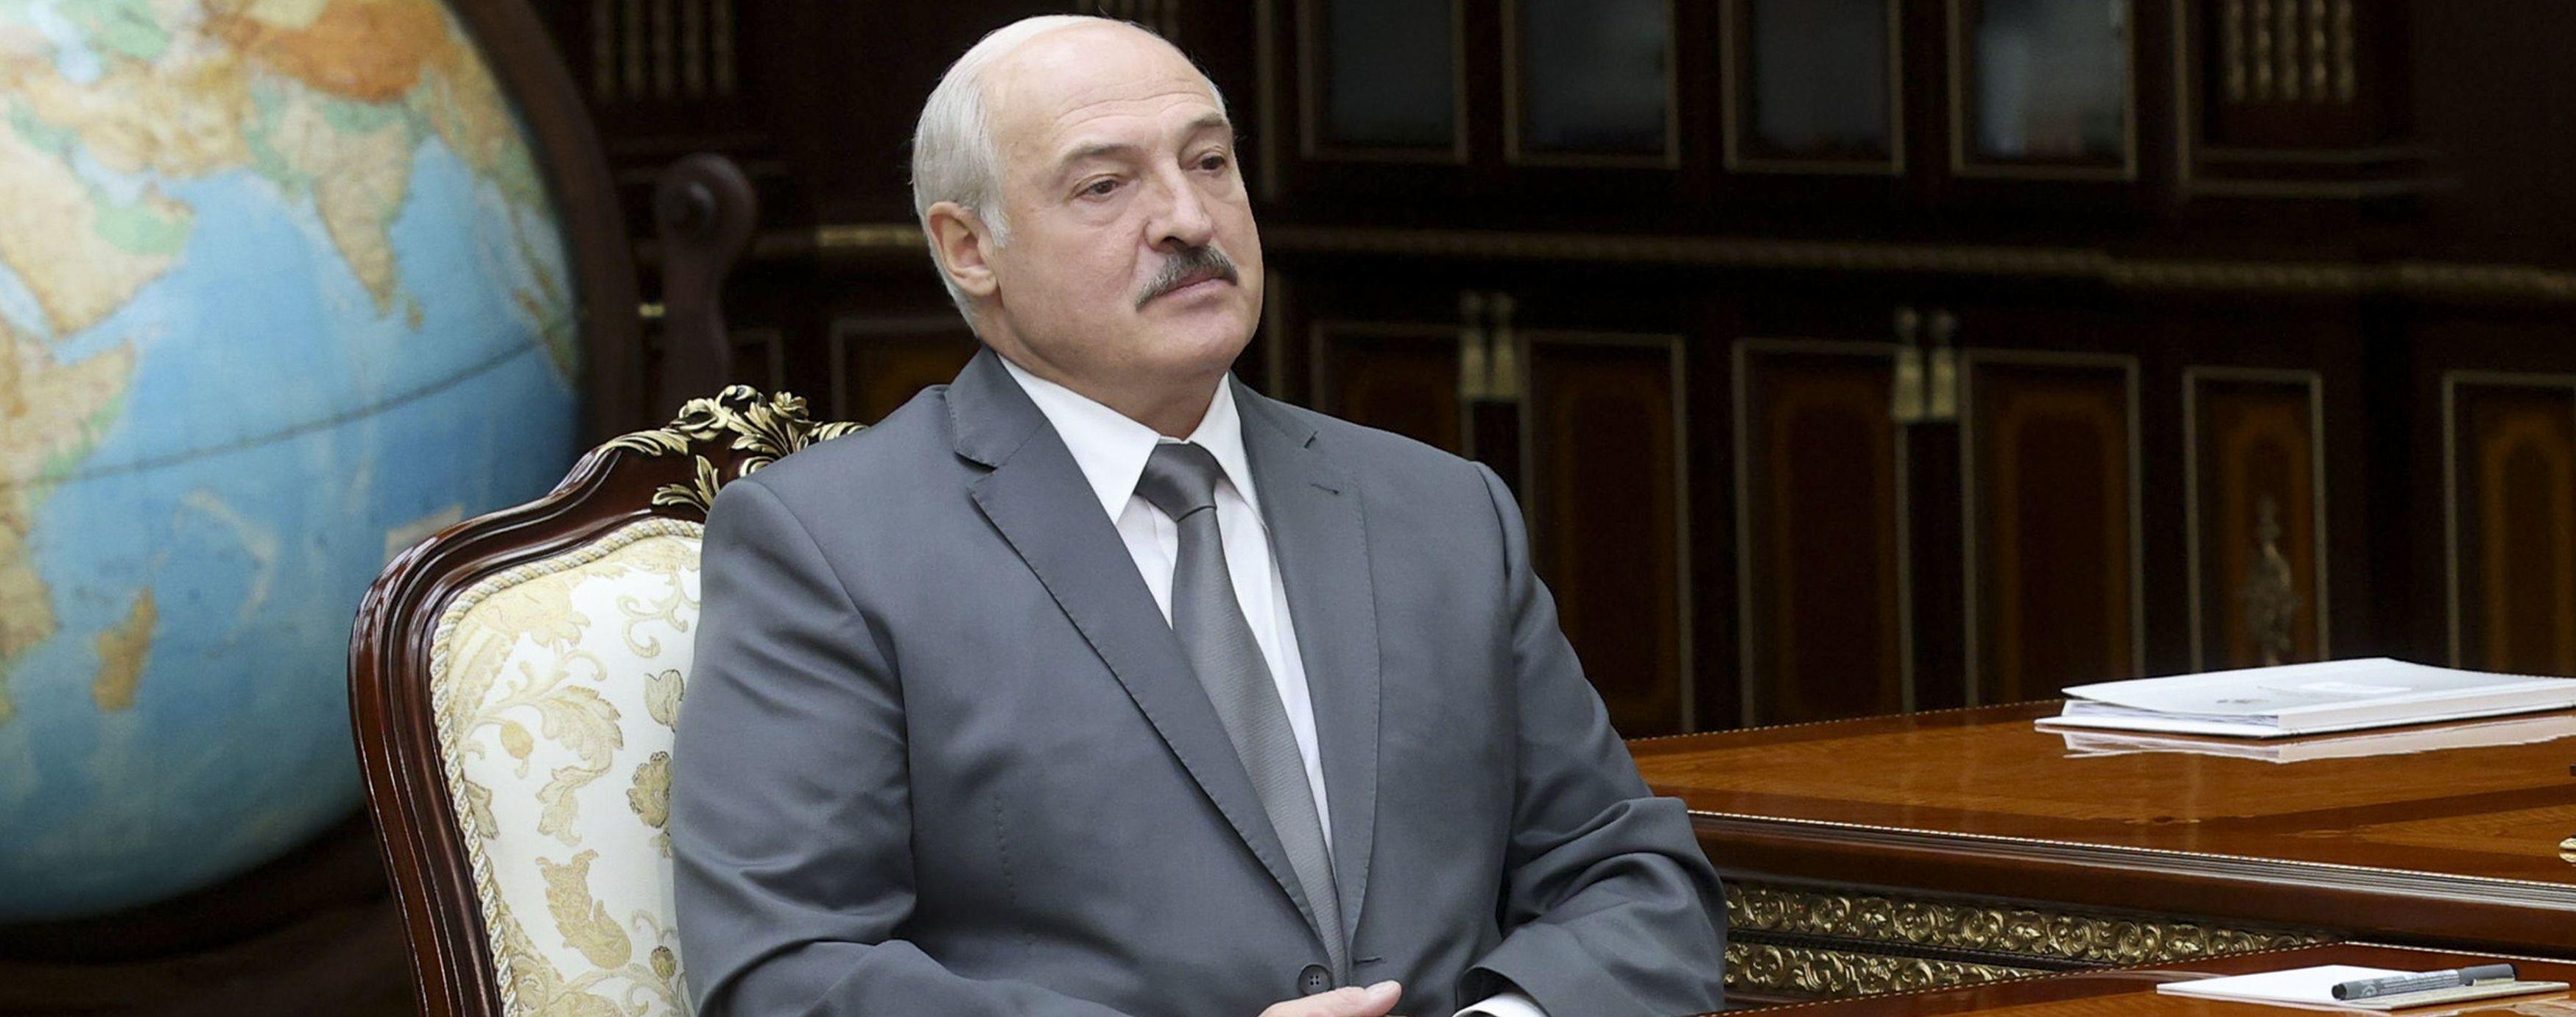 Евросоюз планирует ввести санкции против Лукашенко — СМИ